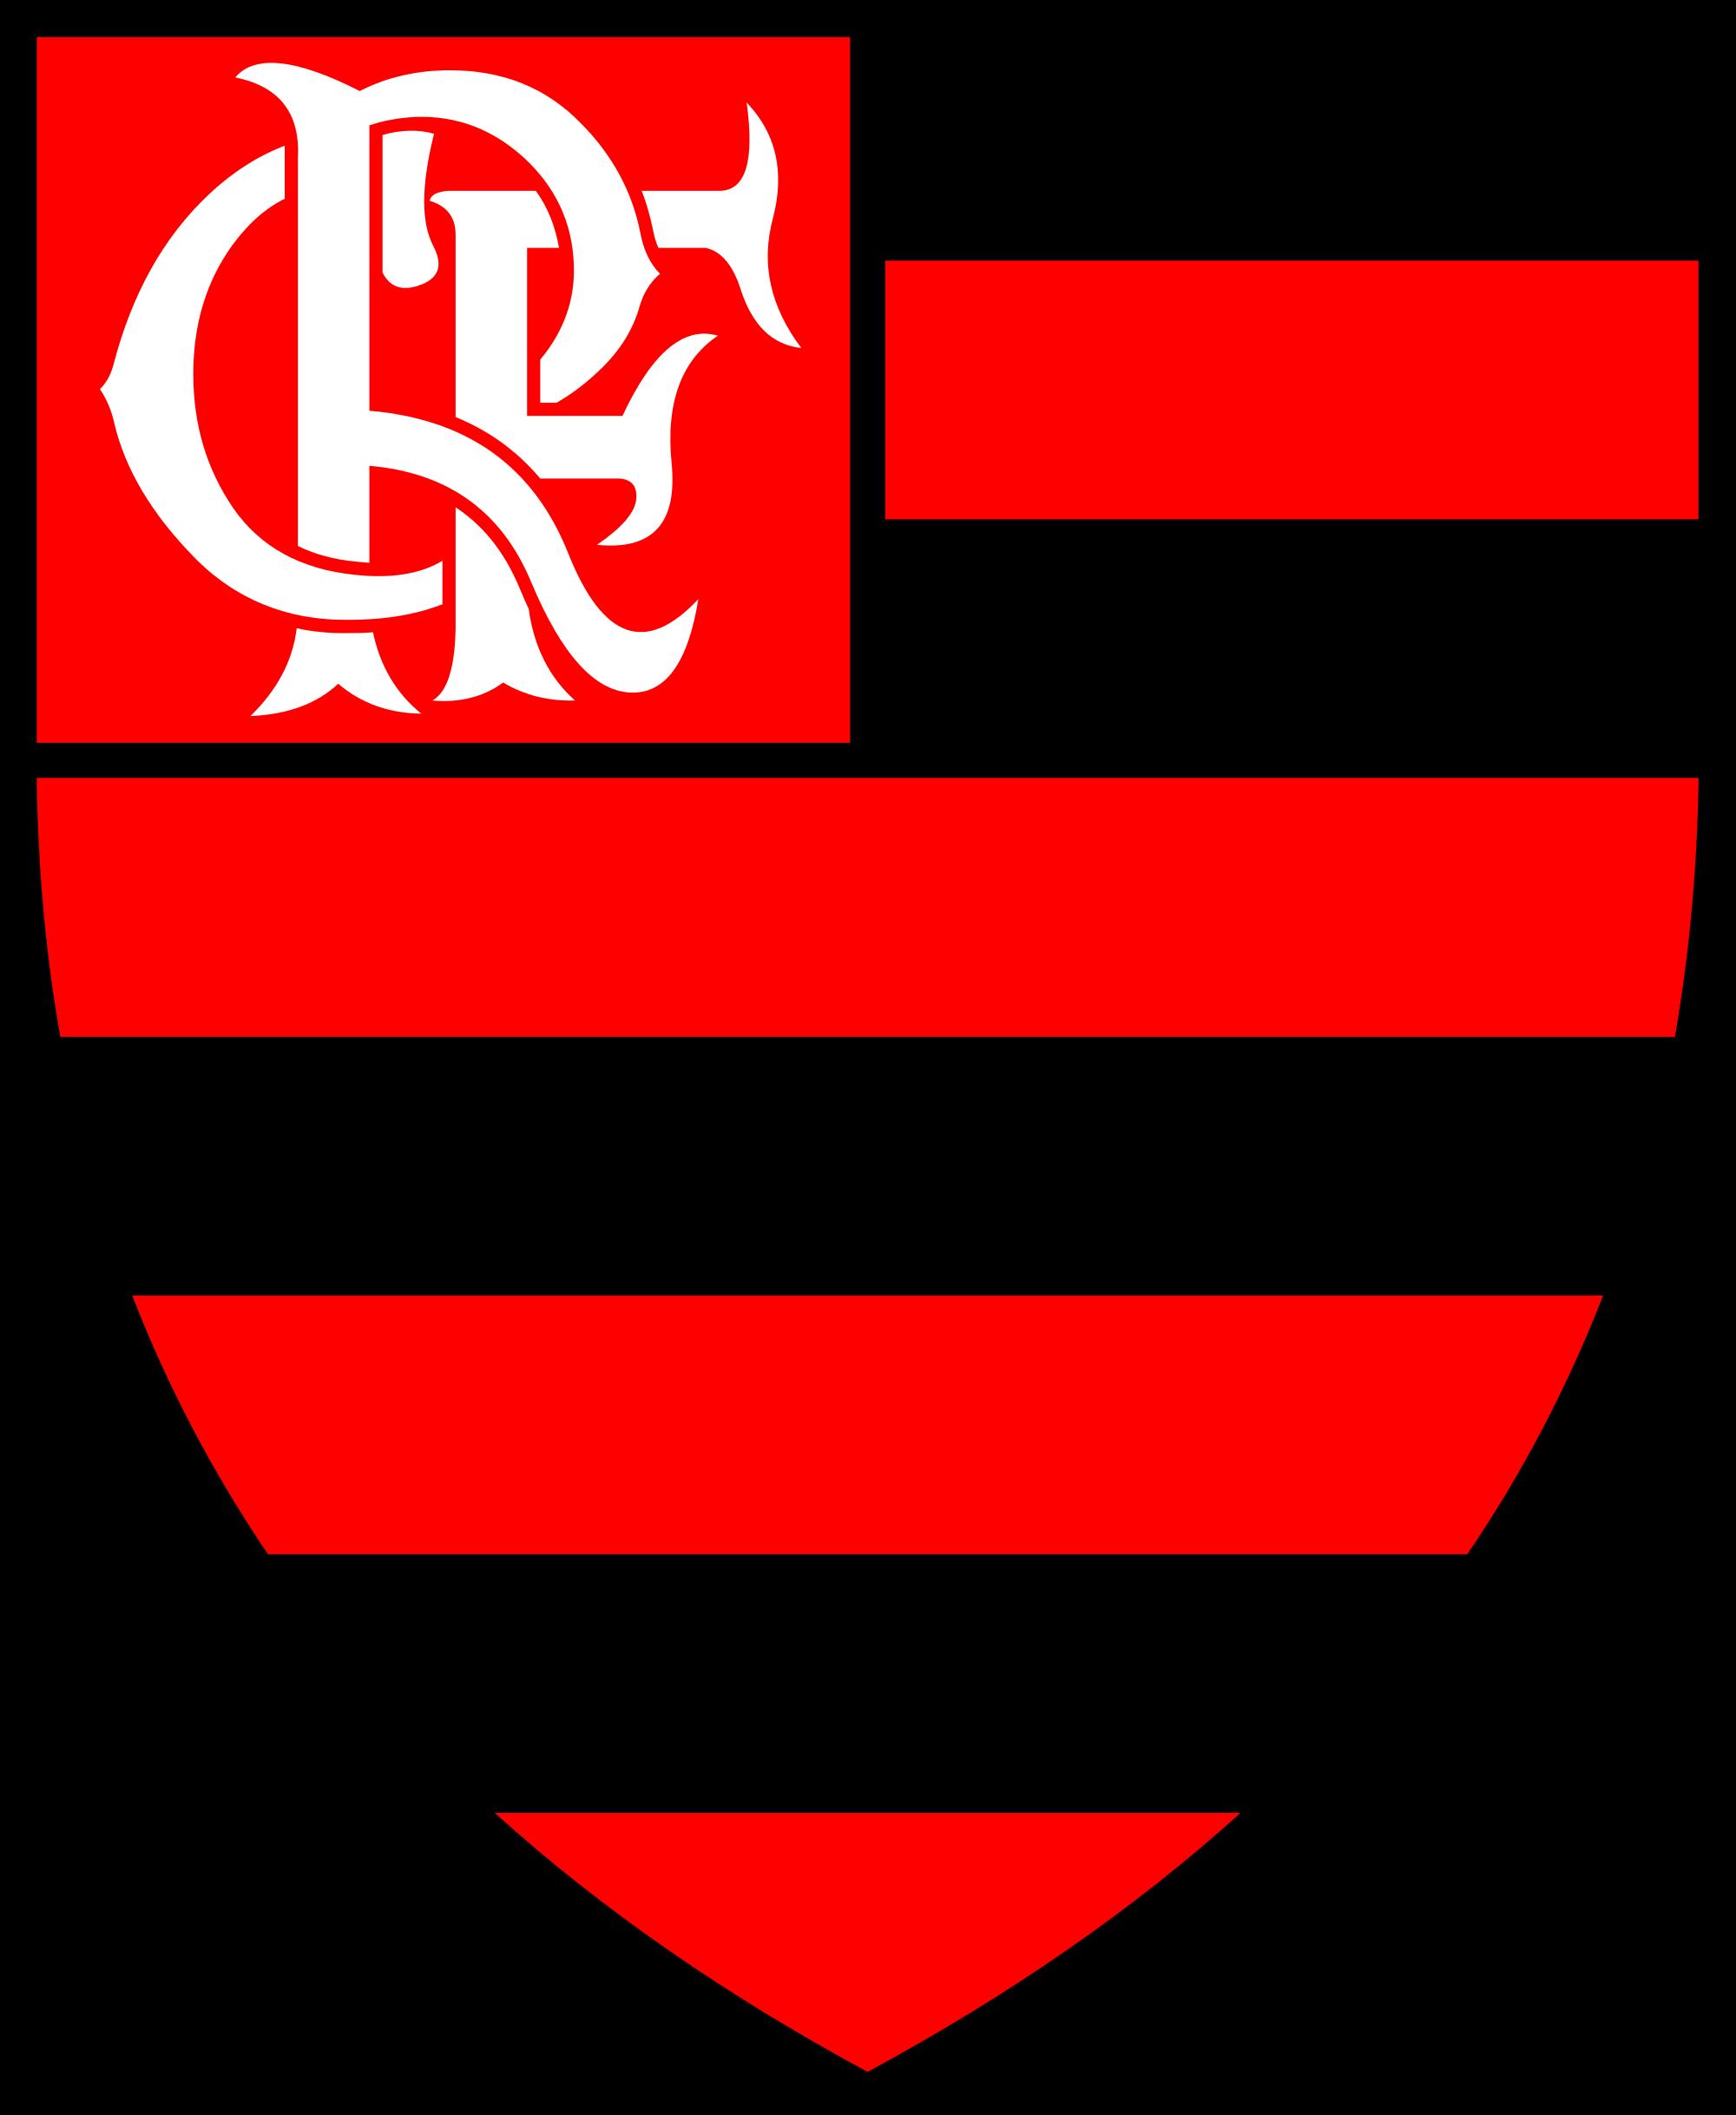 Escudo do Clube de Regatas Flamengo, time brasileiro do Rio de Janeiro, campeão Brasileiro, campeão da taça Libertadores de América e campeão do Mundo no Japão.